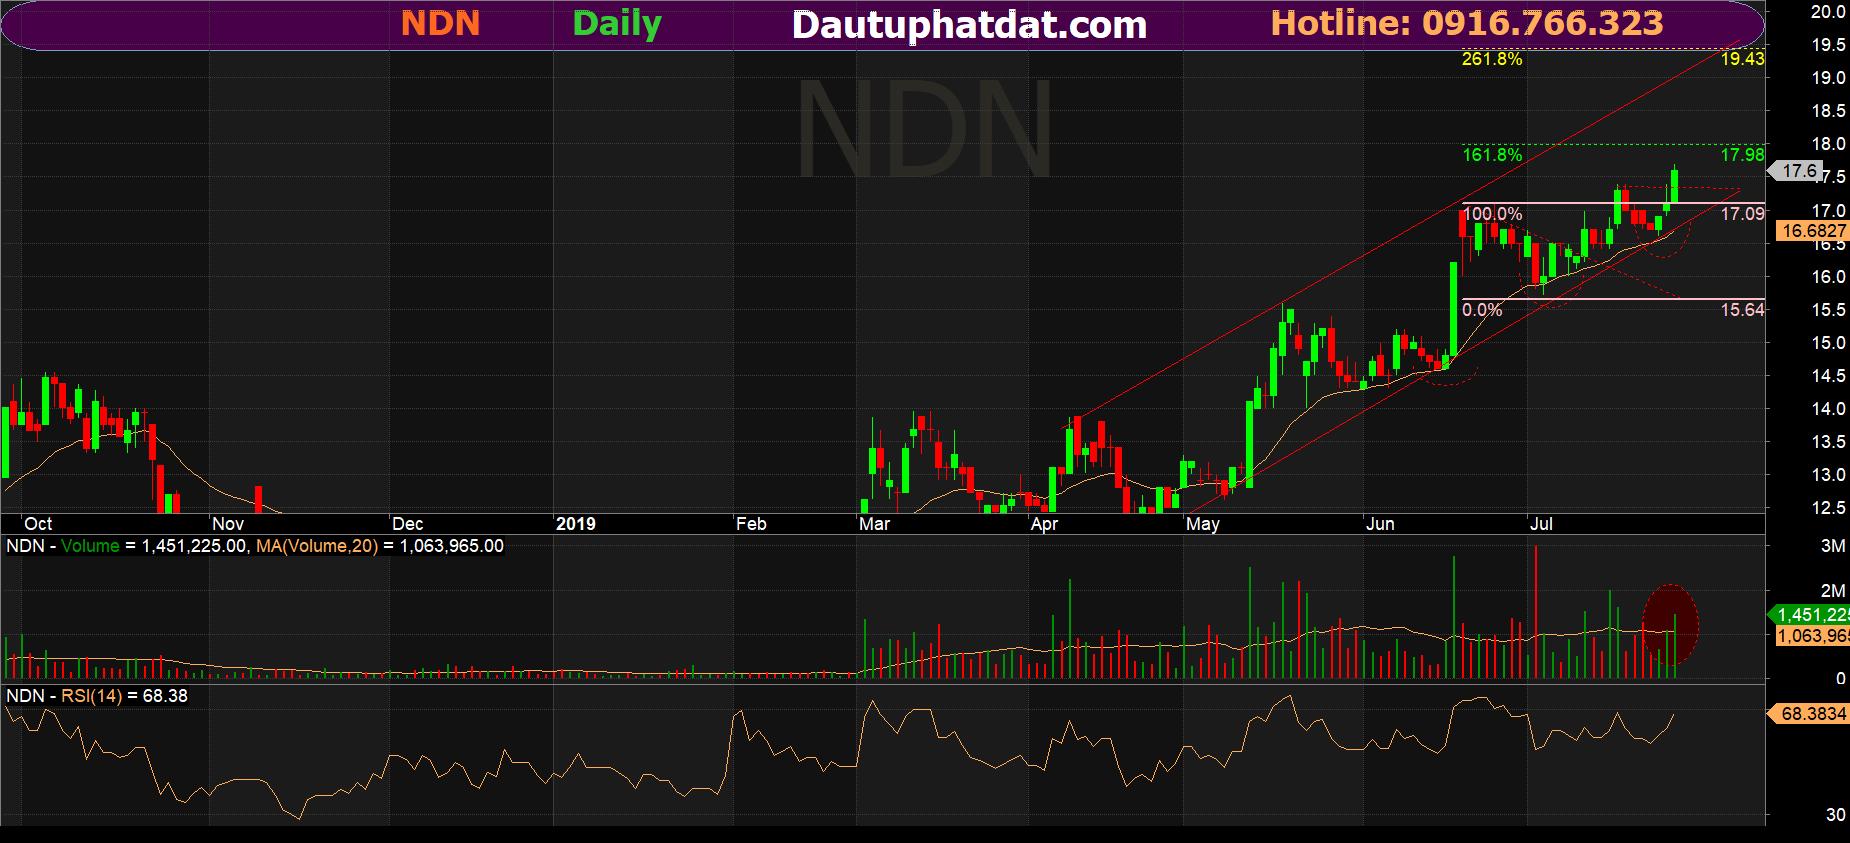 Đồ thị ngày cổ phiếu NDN